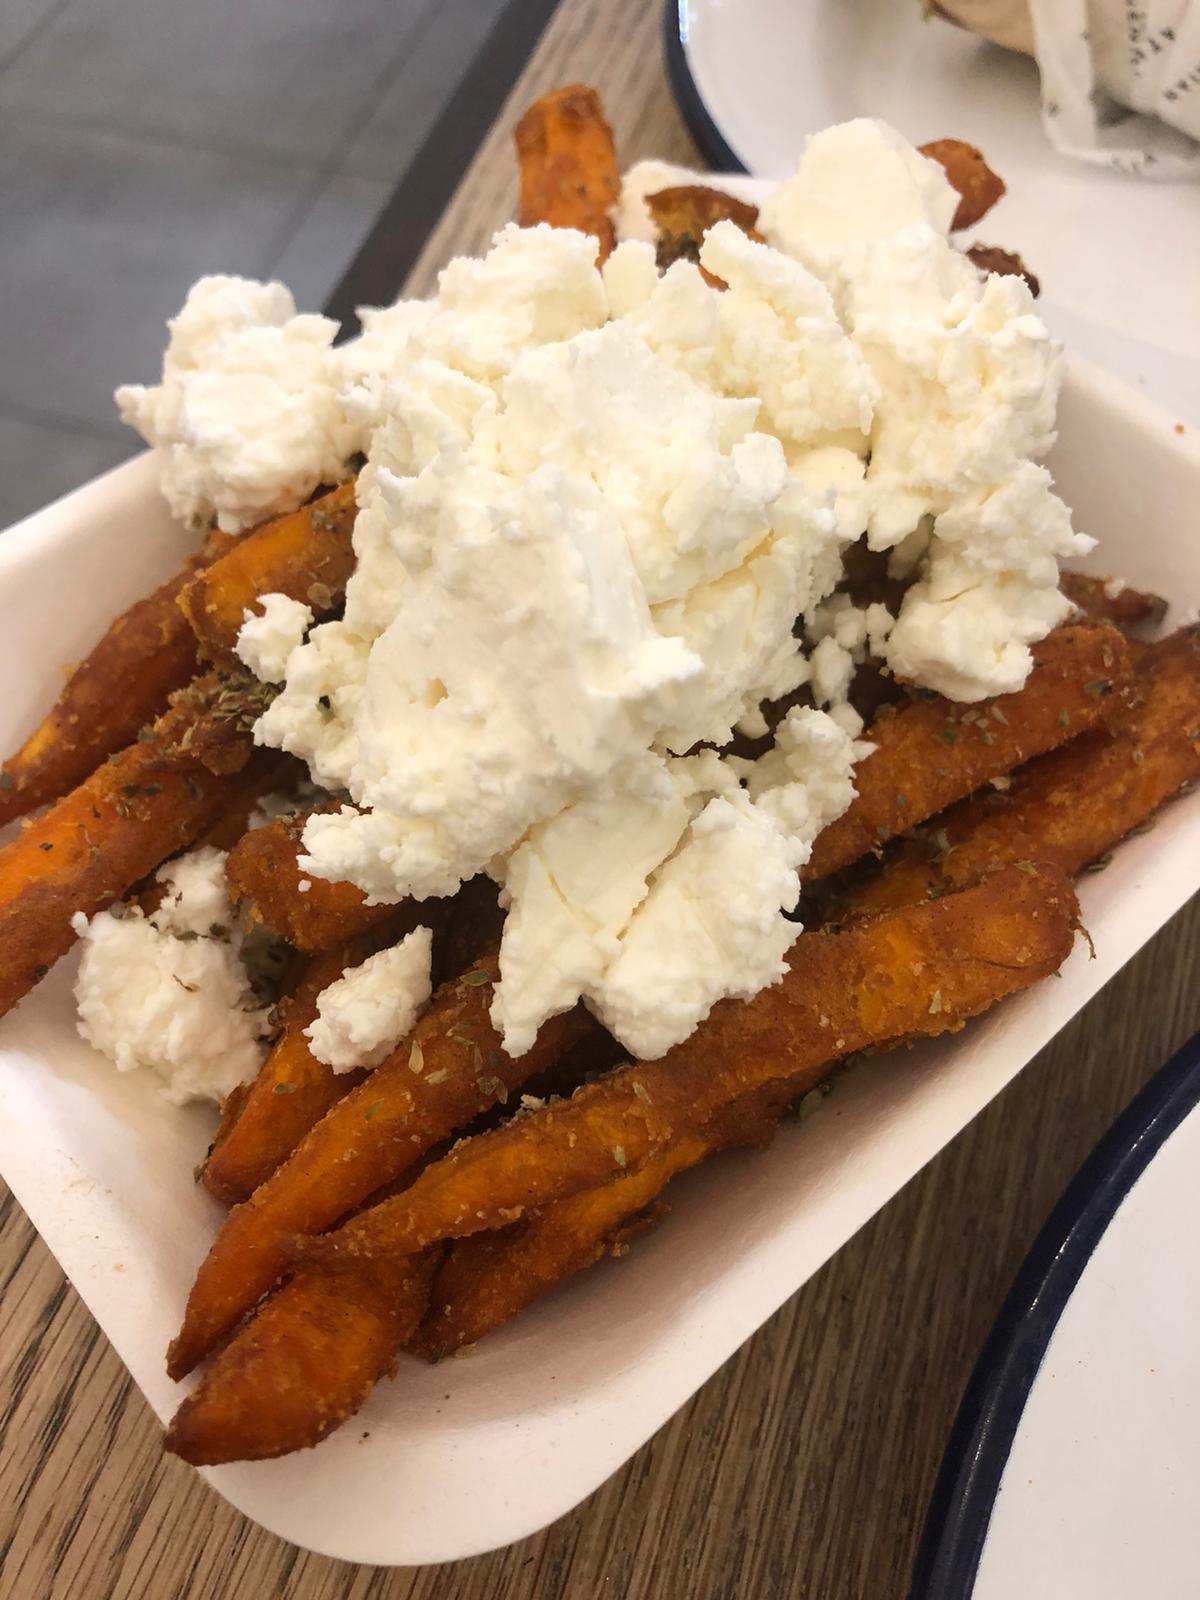 The athenian sweet potato fries with feta